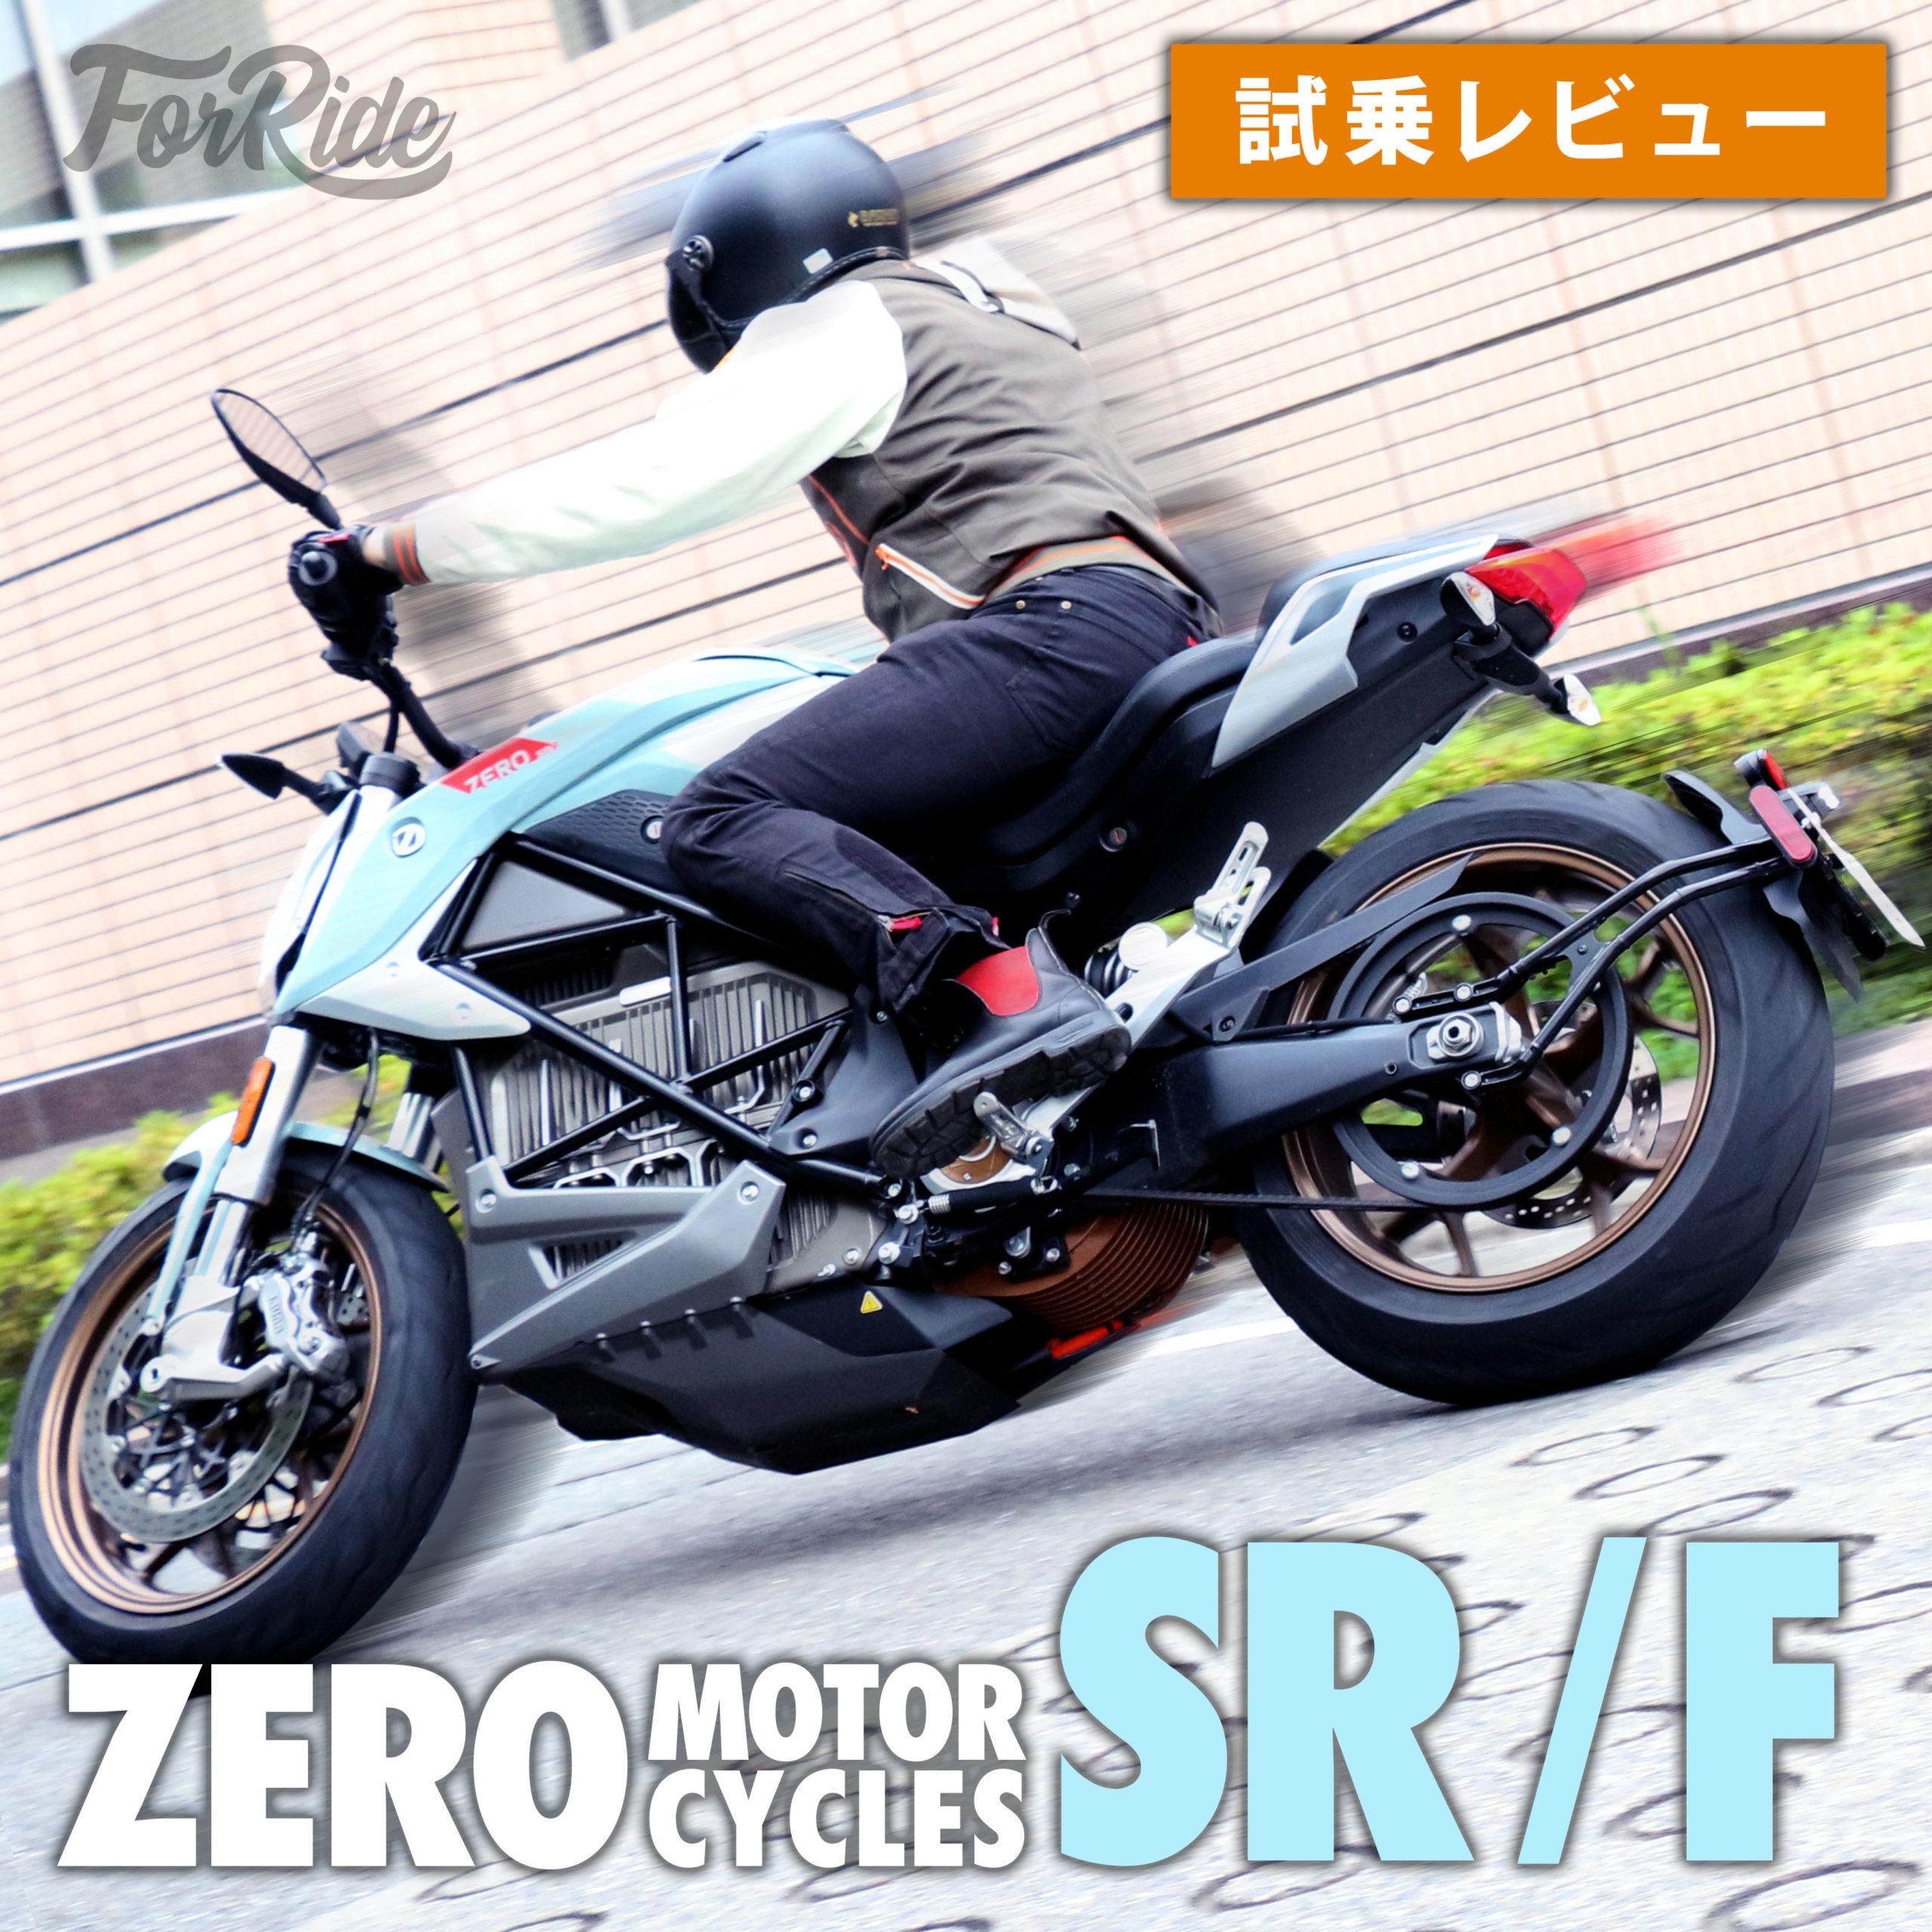 【車検不要】バイク界のテスラ!? ZERO「SR/F」で100km走り込んでみた